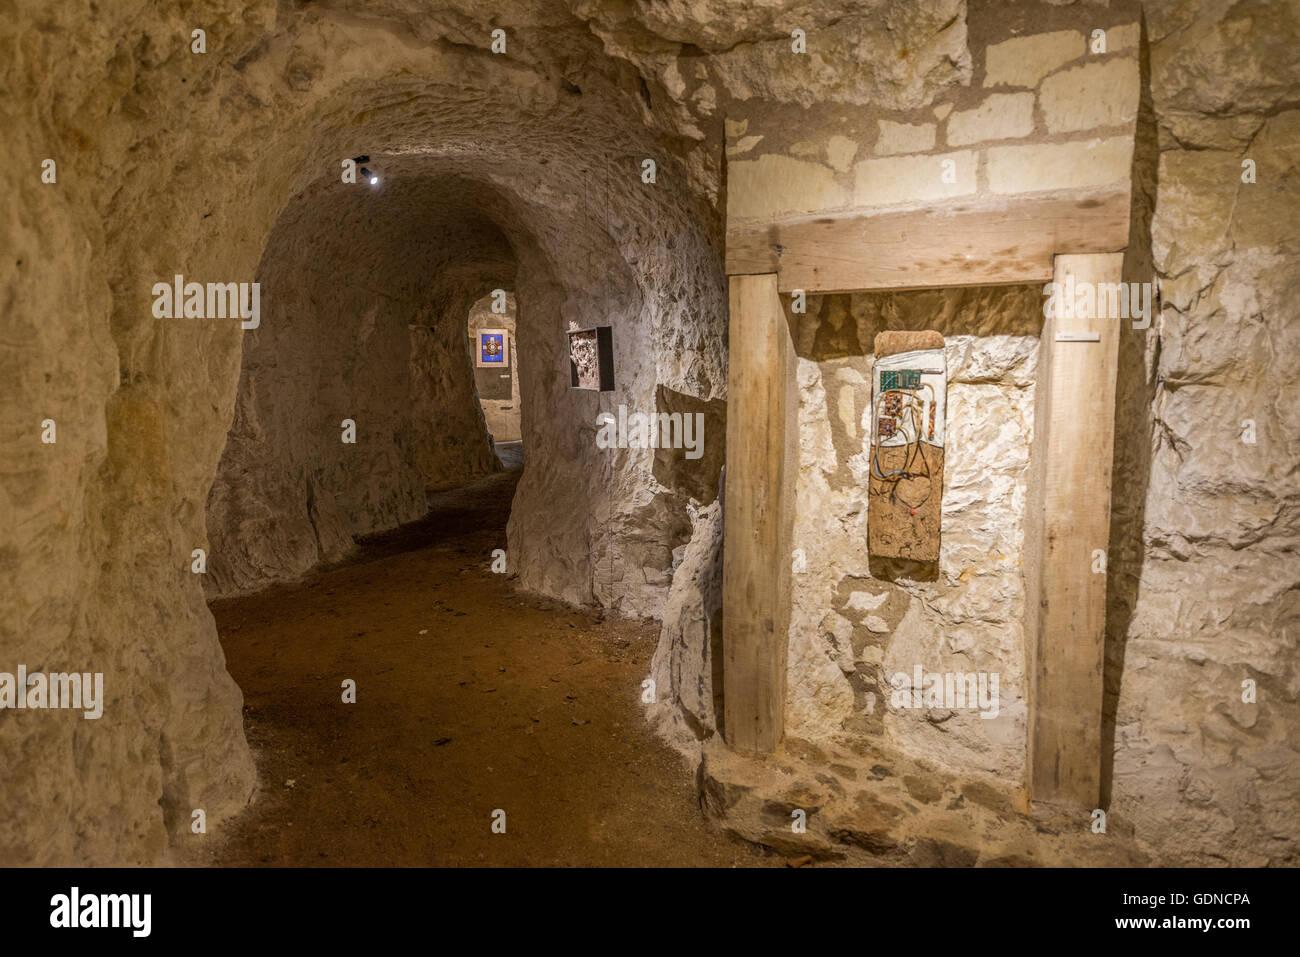 Les Caves Du Manoir exhibition in the caves of artist richard rak, manoir de la